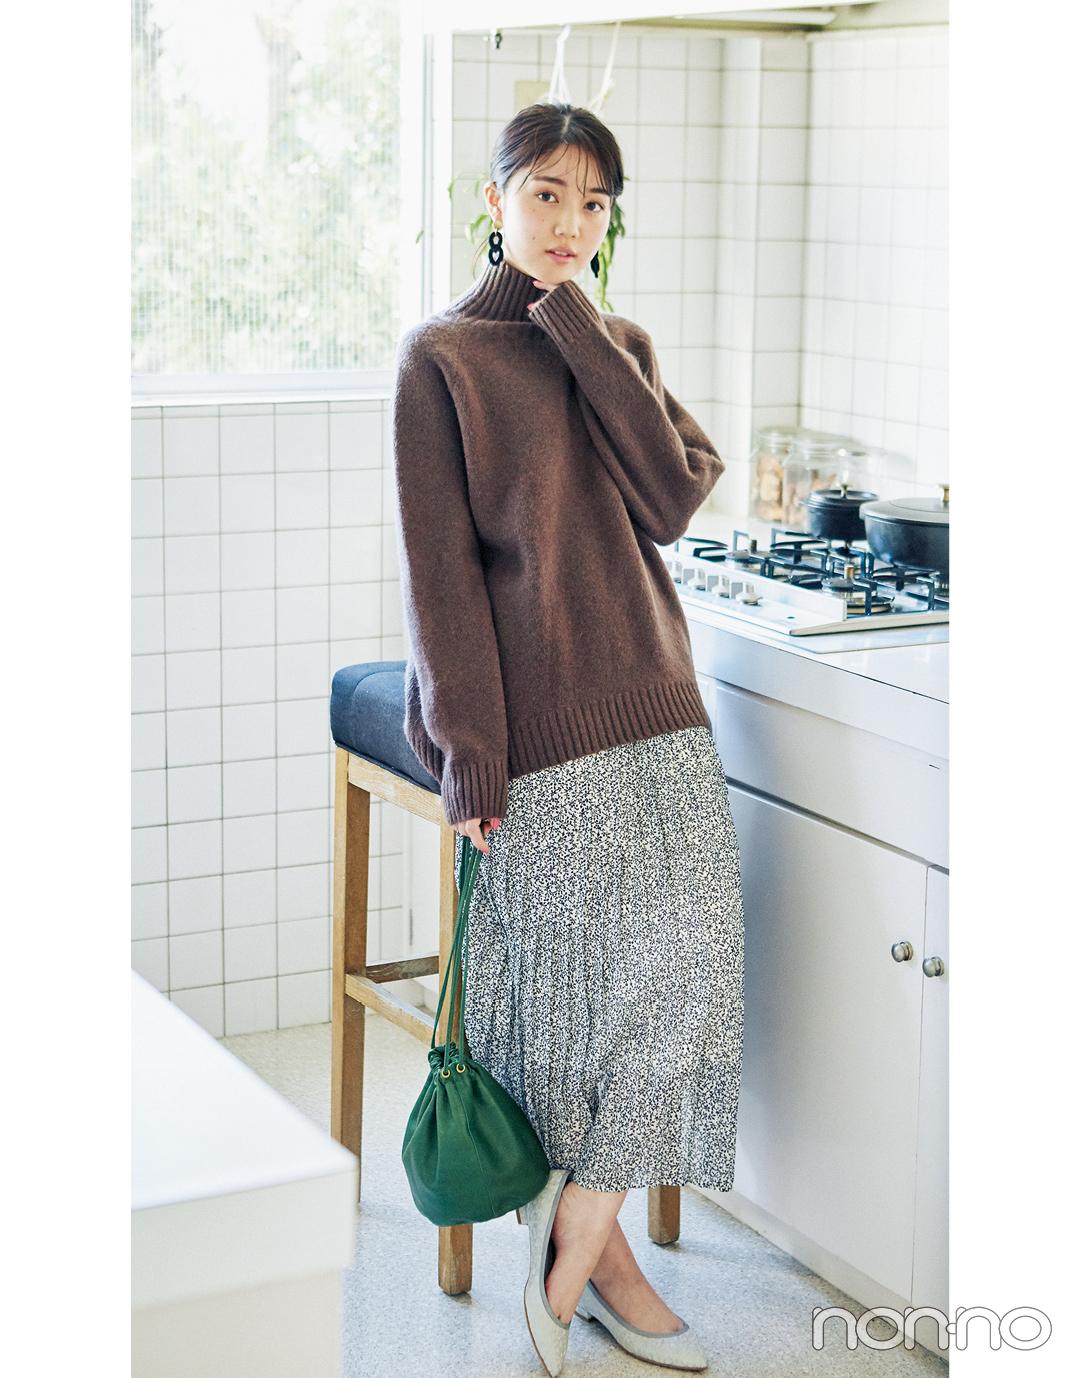 2月~3月の体感寒い日&暖かい日、小花柄スカートはこんなに使える!_1_6